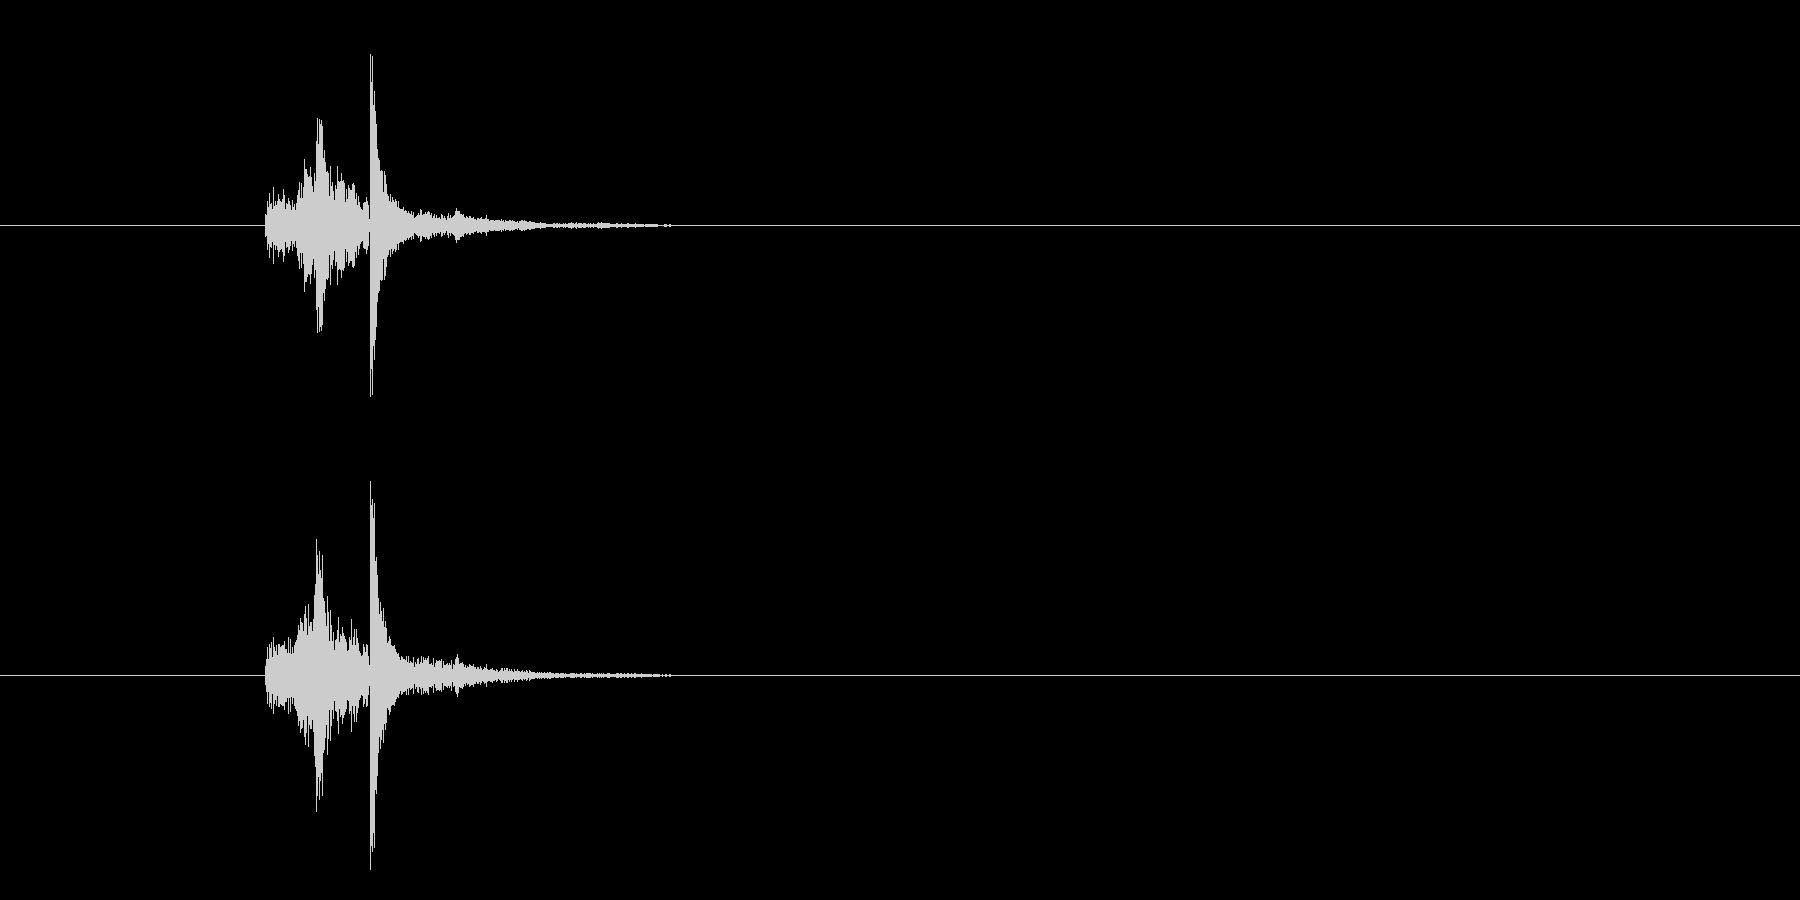 ZIPPO(ジッポ)を開ける音 真鍮無垢の未再生の波形